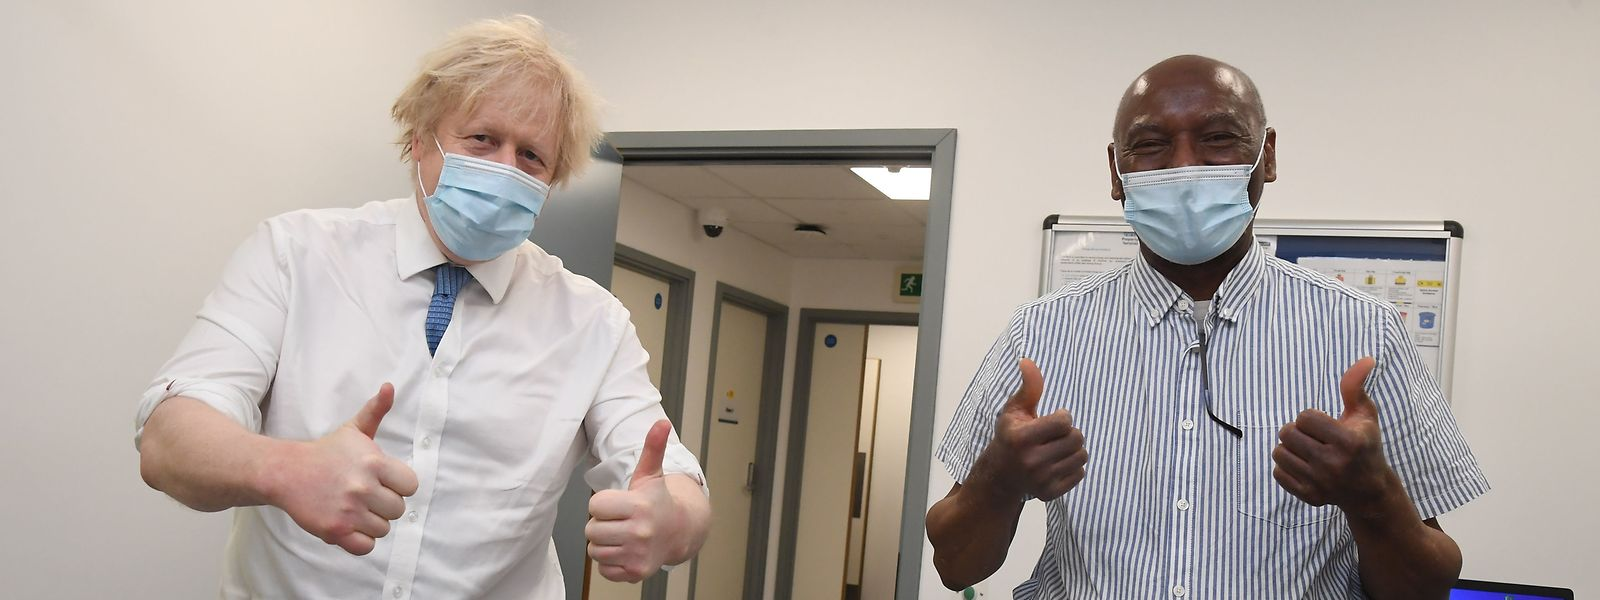 Der britische Premier Boris Johnson und Impfkandidat Silvester Biyibi (r.) posieren im Impfzentrum in Orpington im Südosten Londons.